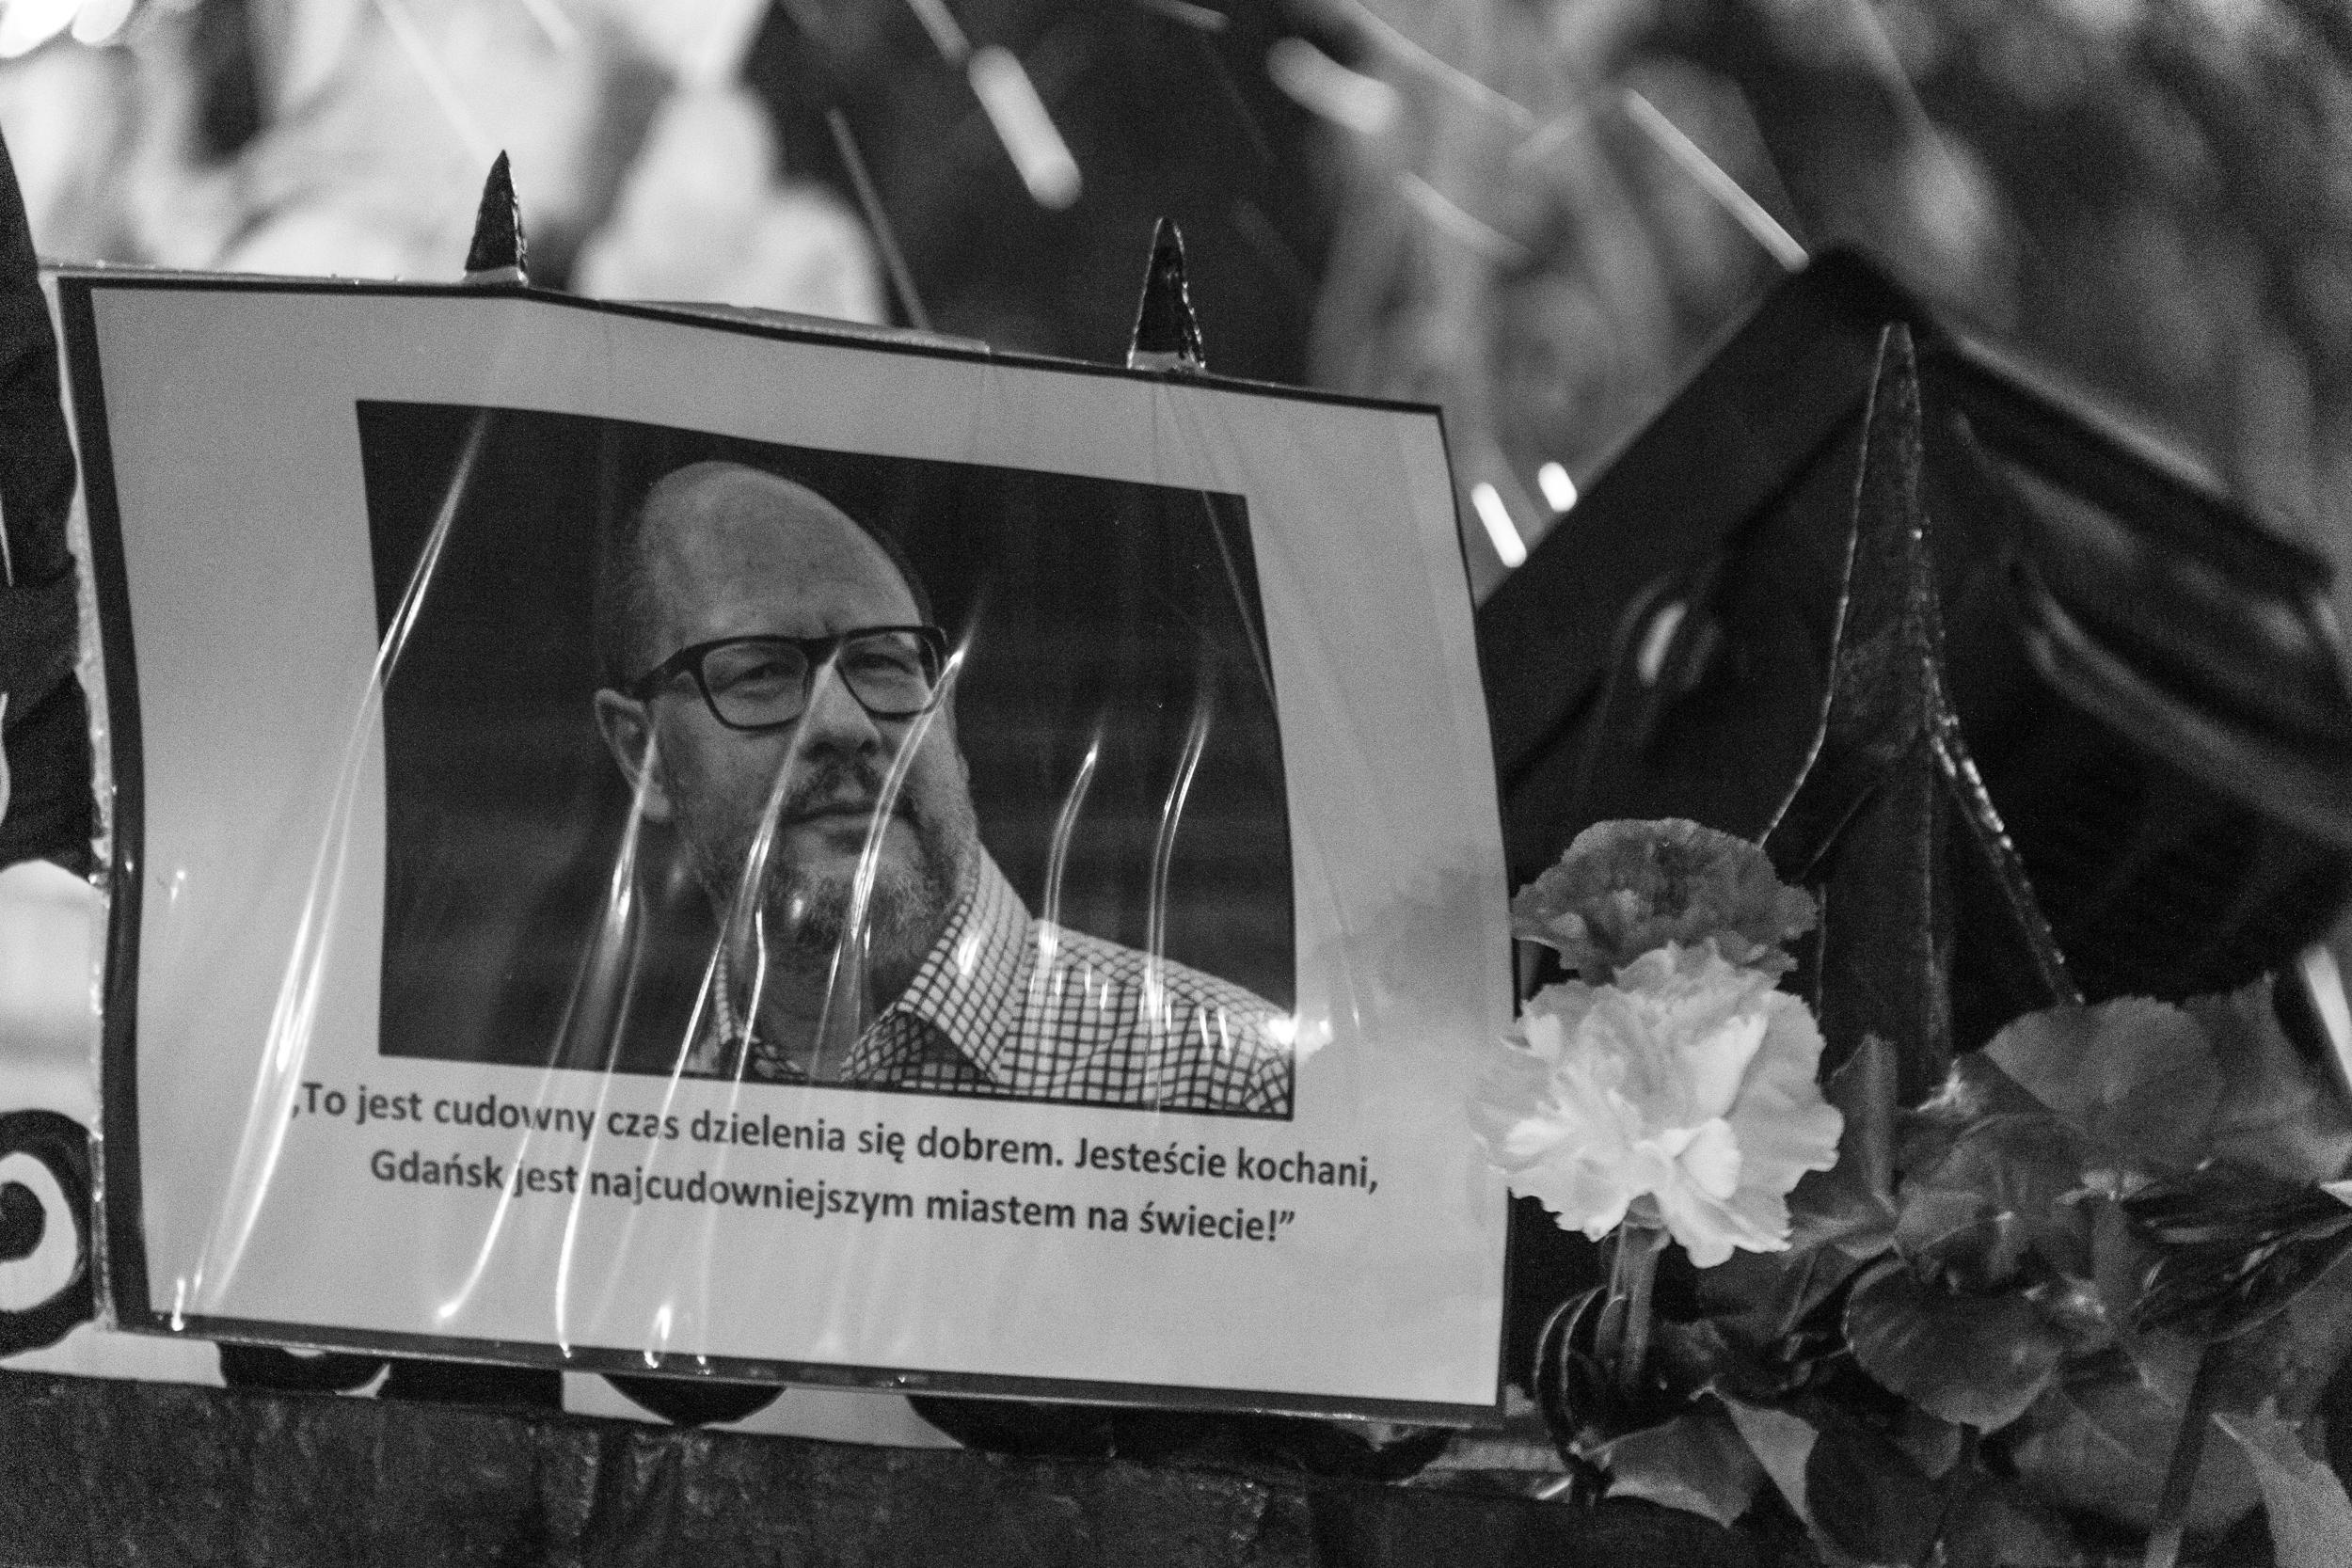 Pawel Adamowicz byl starostou Gdaňsku od roku 1998, pošesté byl do této funkce zvolen loni v listopadu. V 80. letech byl součástí protikomunistického odborového svazu Solidarita.